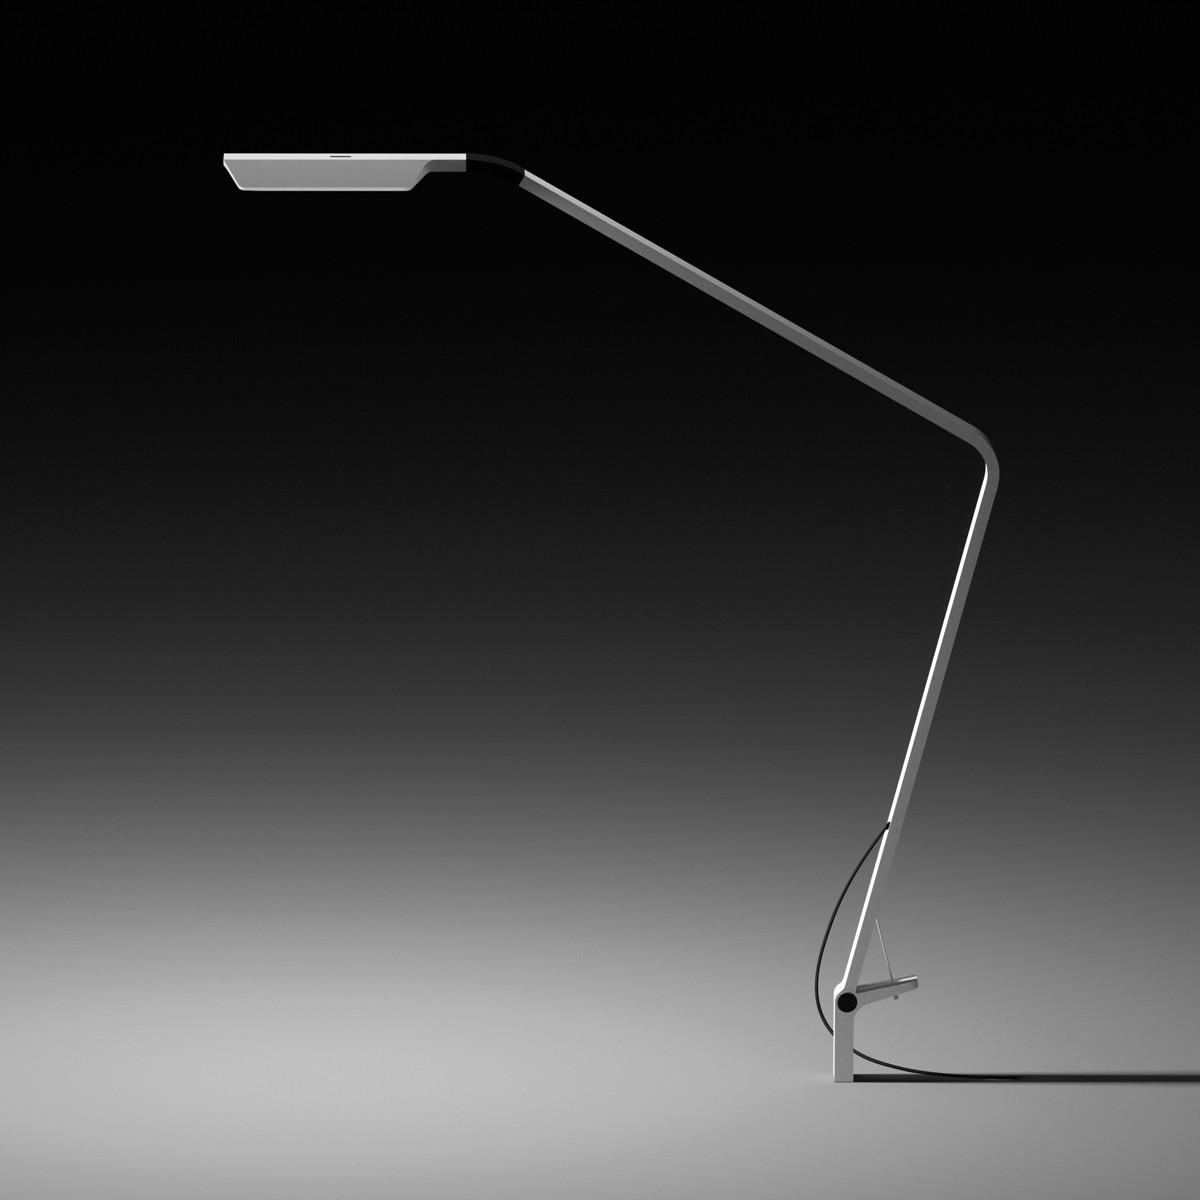 Vibia Flex Tischleuchte mit Einbauadapter, weiß glänzend